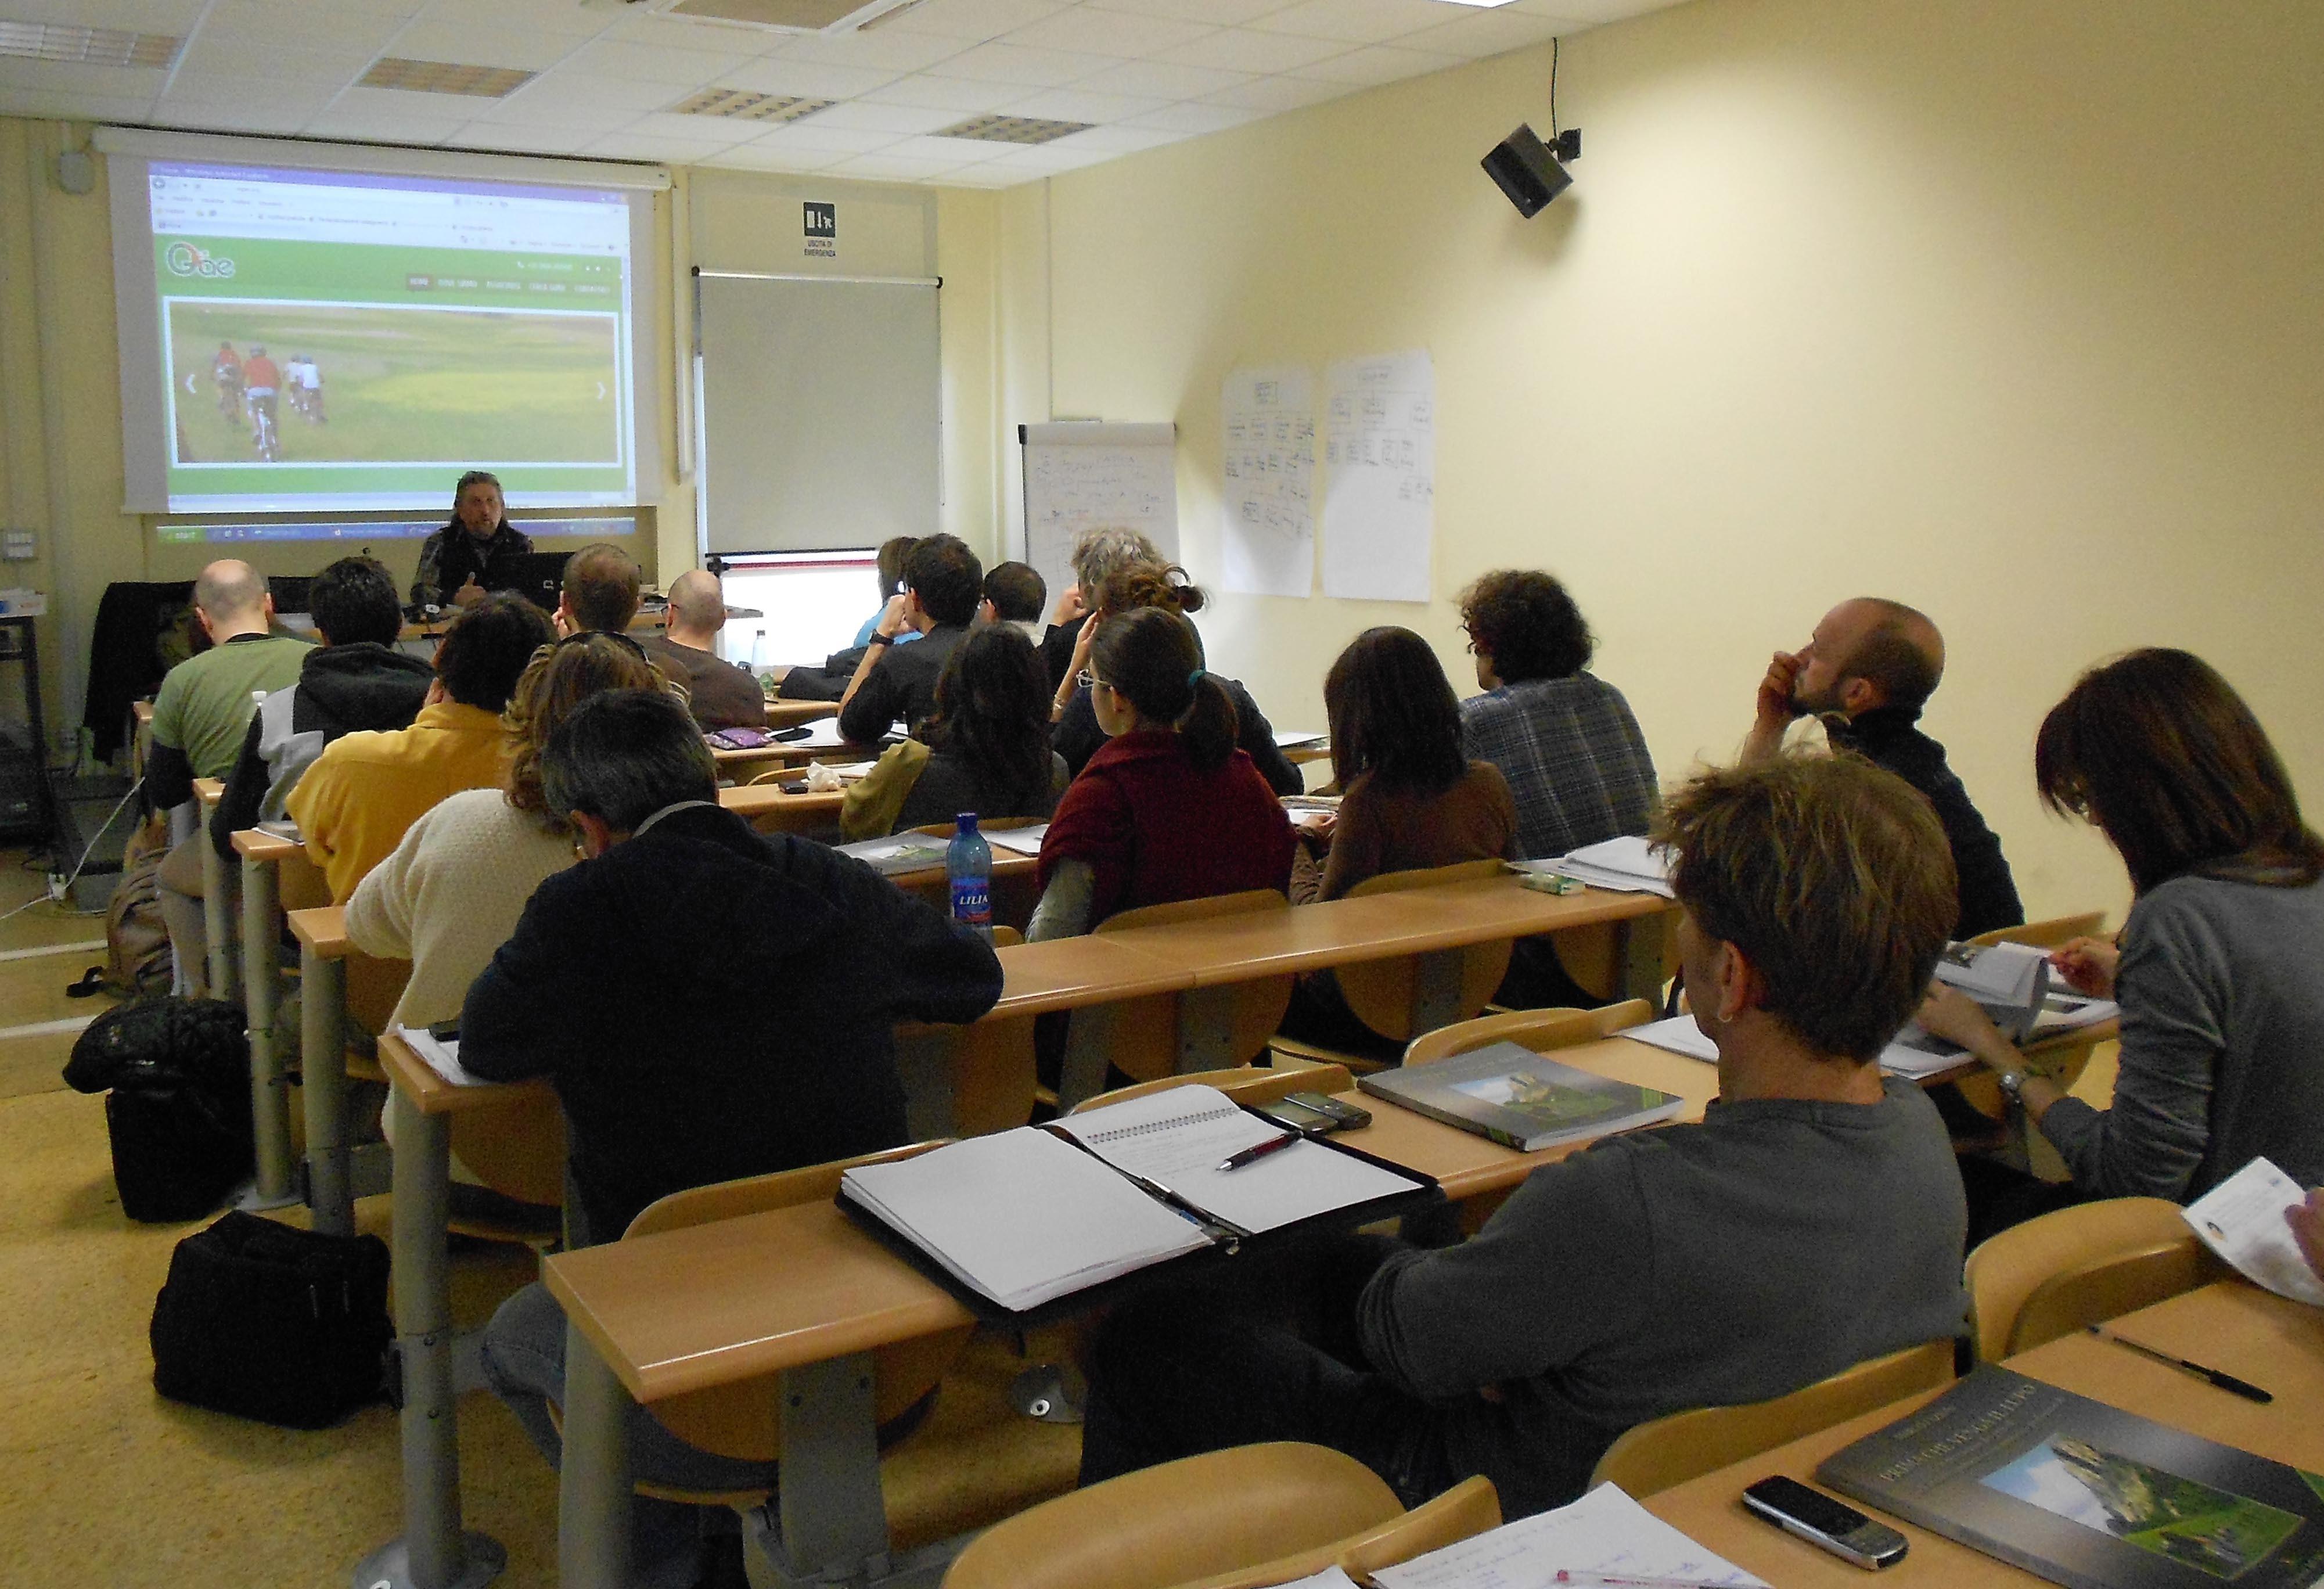 2012-03-10 Parma GAE (1)